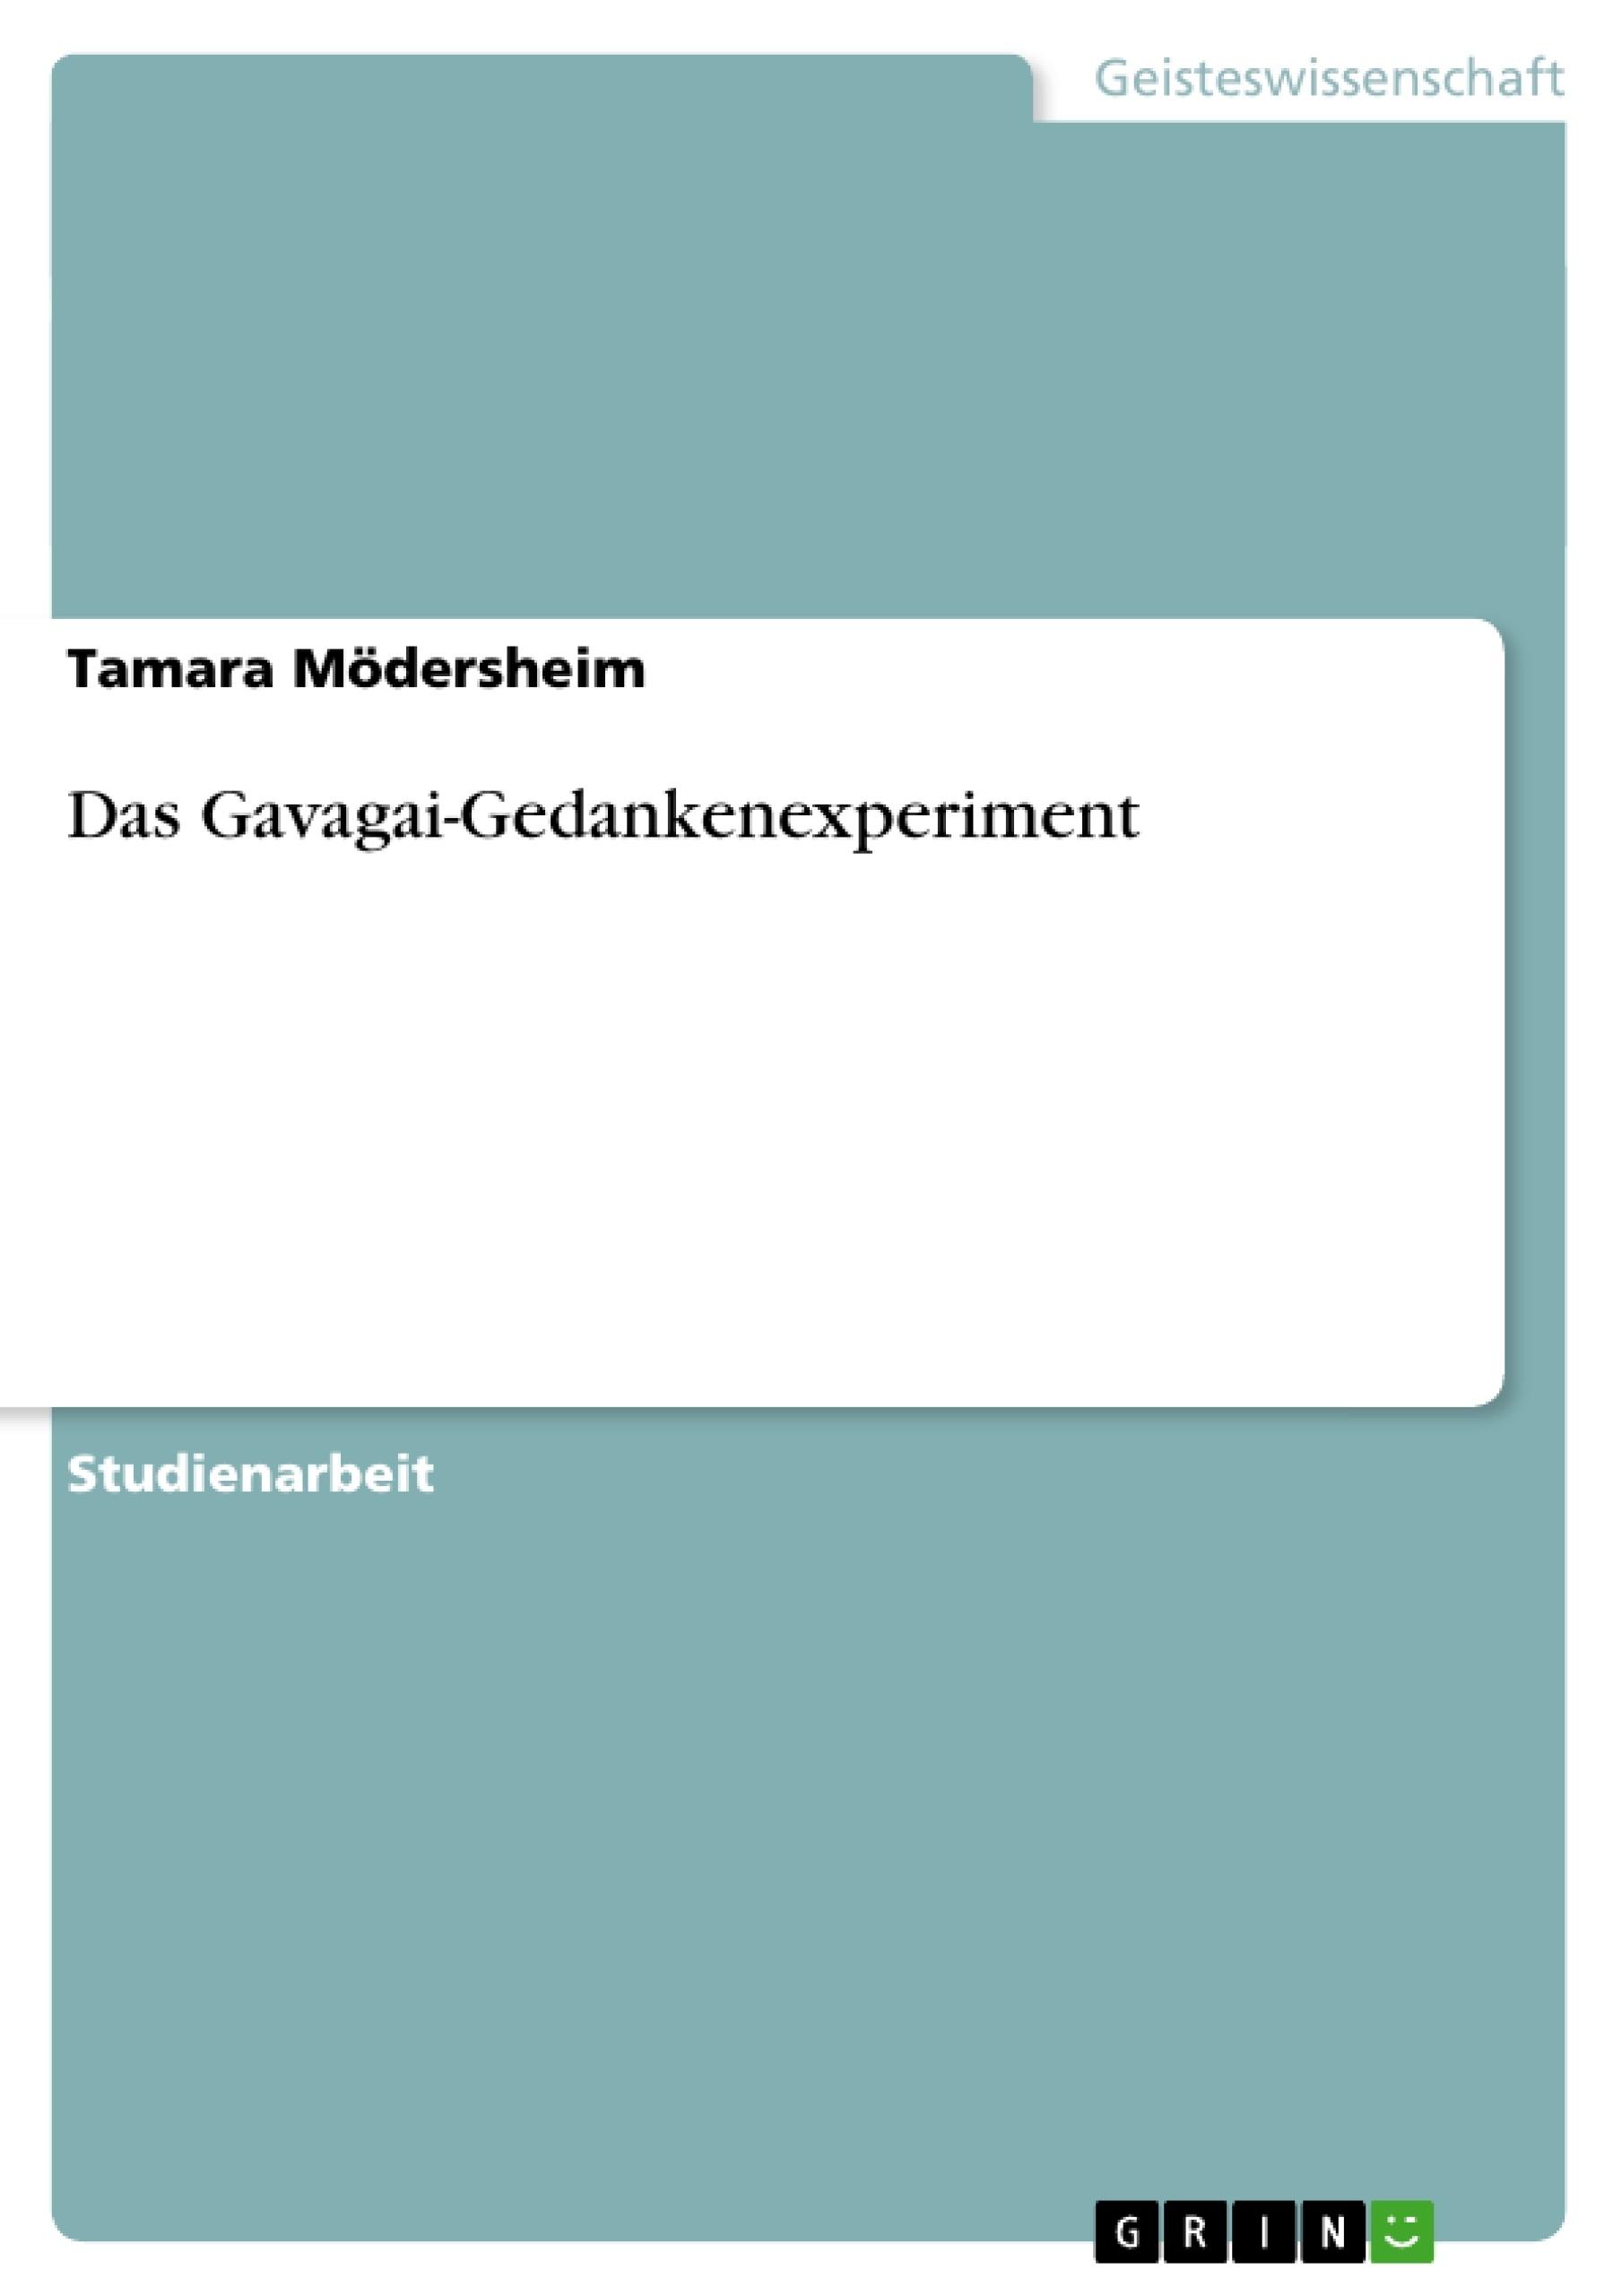 Titel: Das Gavagai-Gedankenexperiment